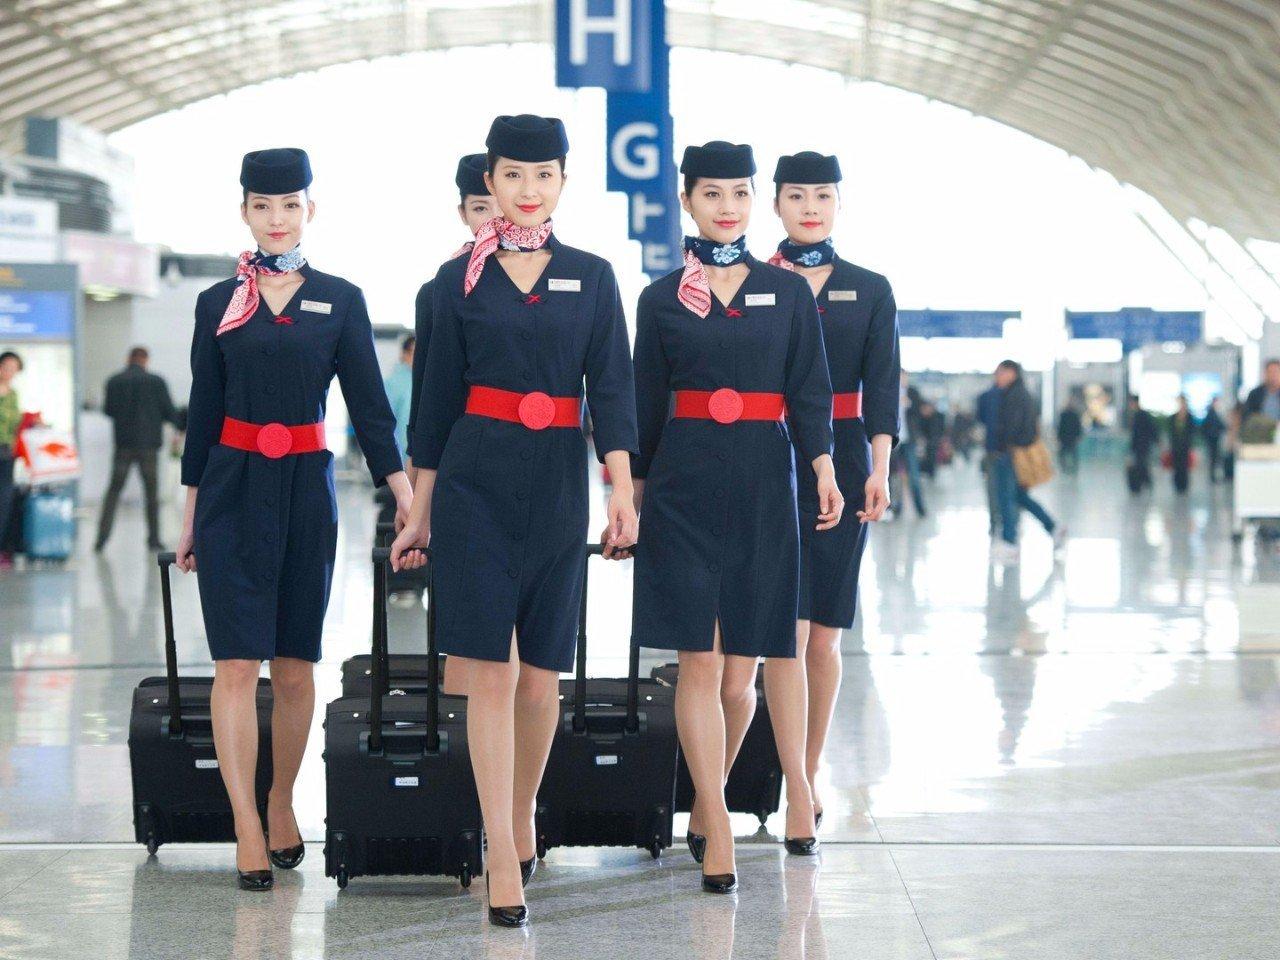 стюардессы разных авиакомпаний фото хештеги помогают разделить